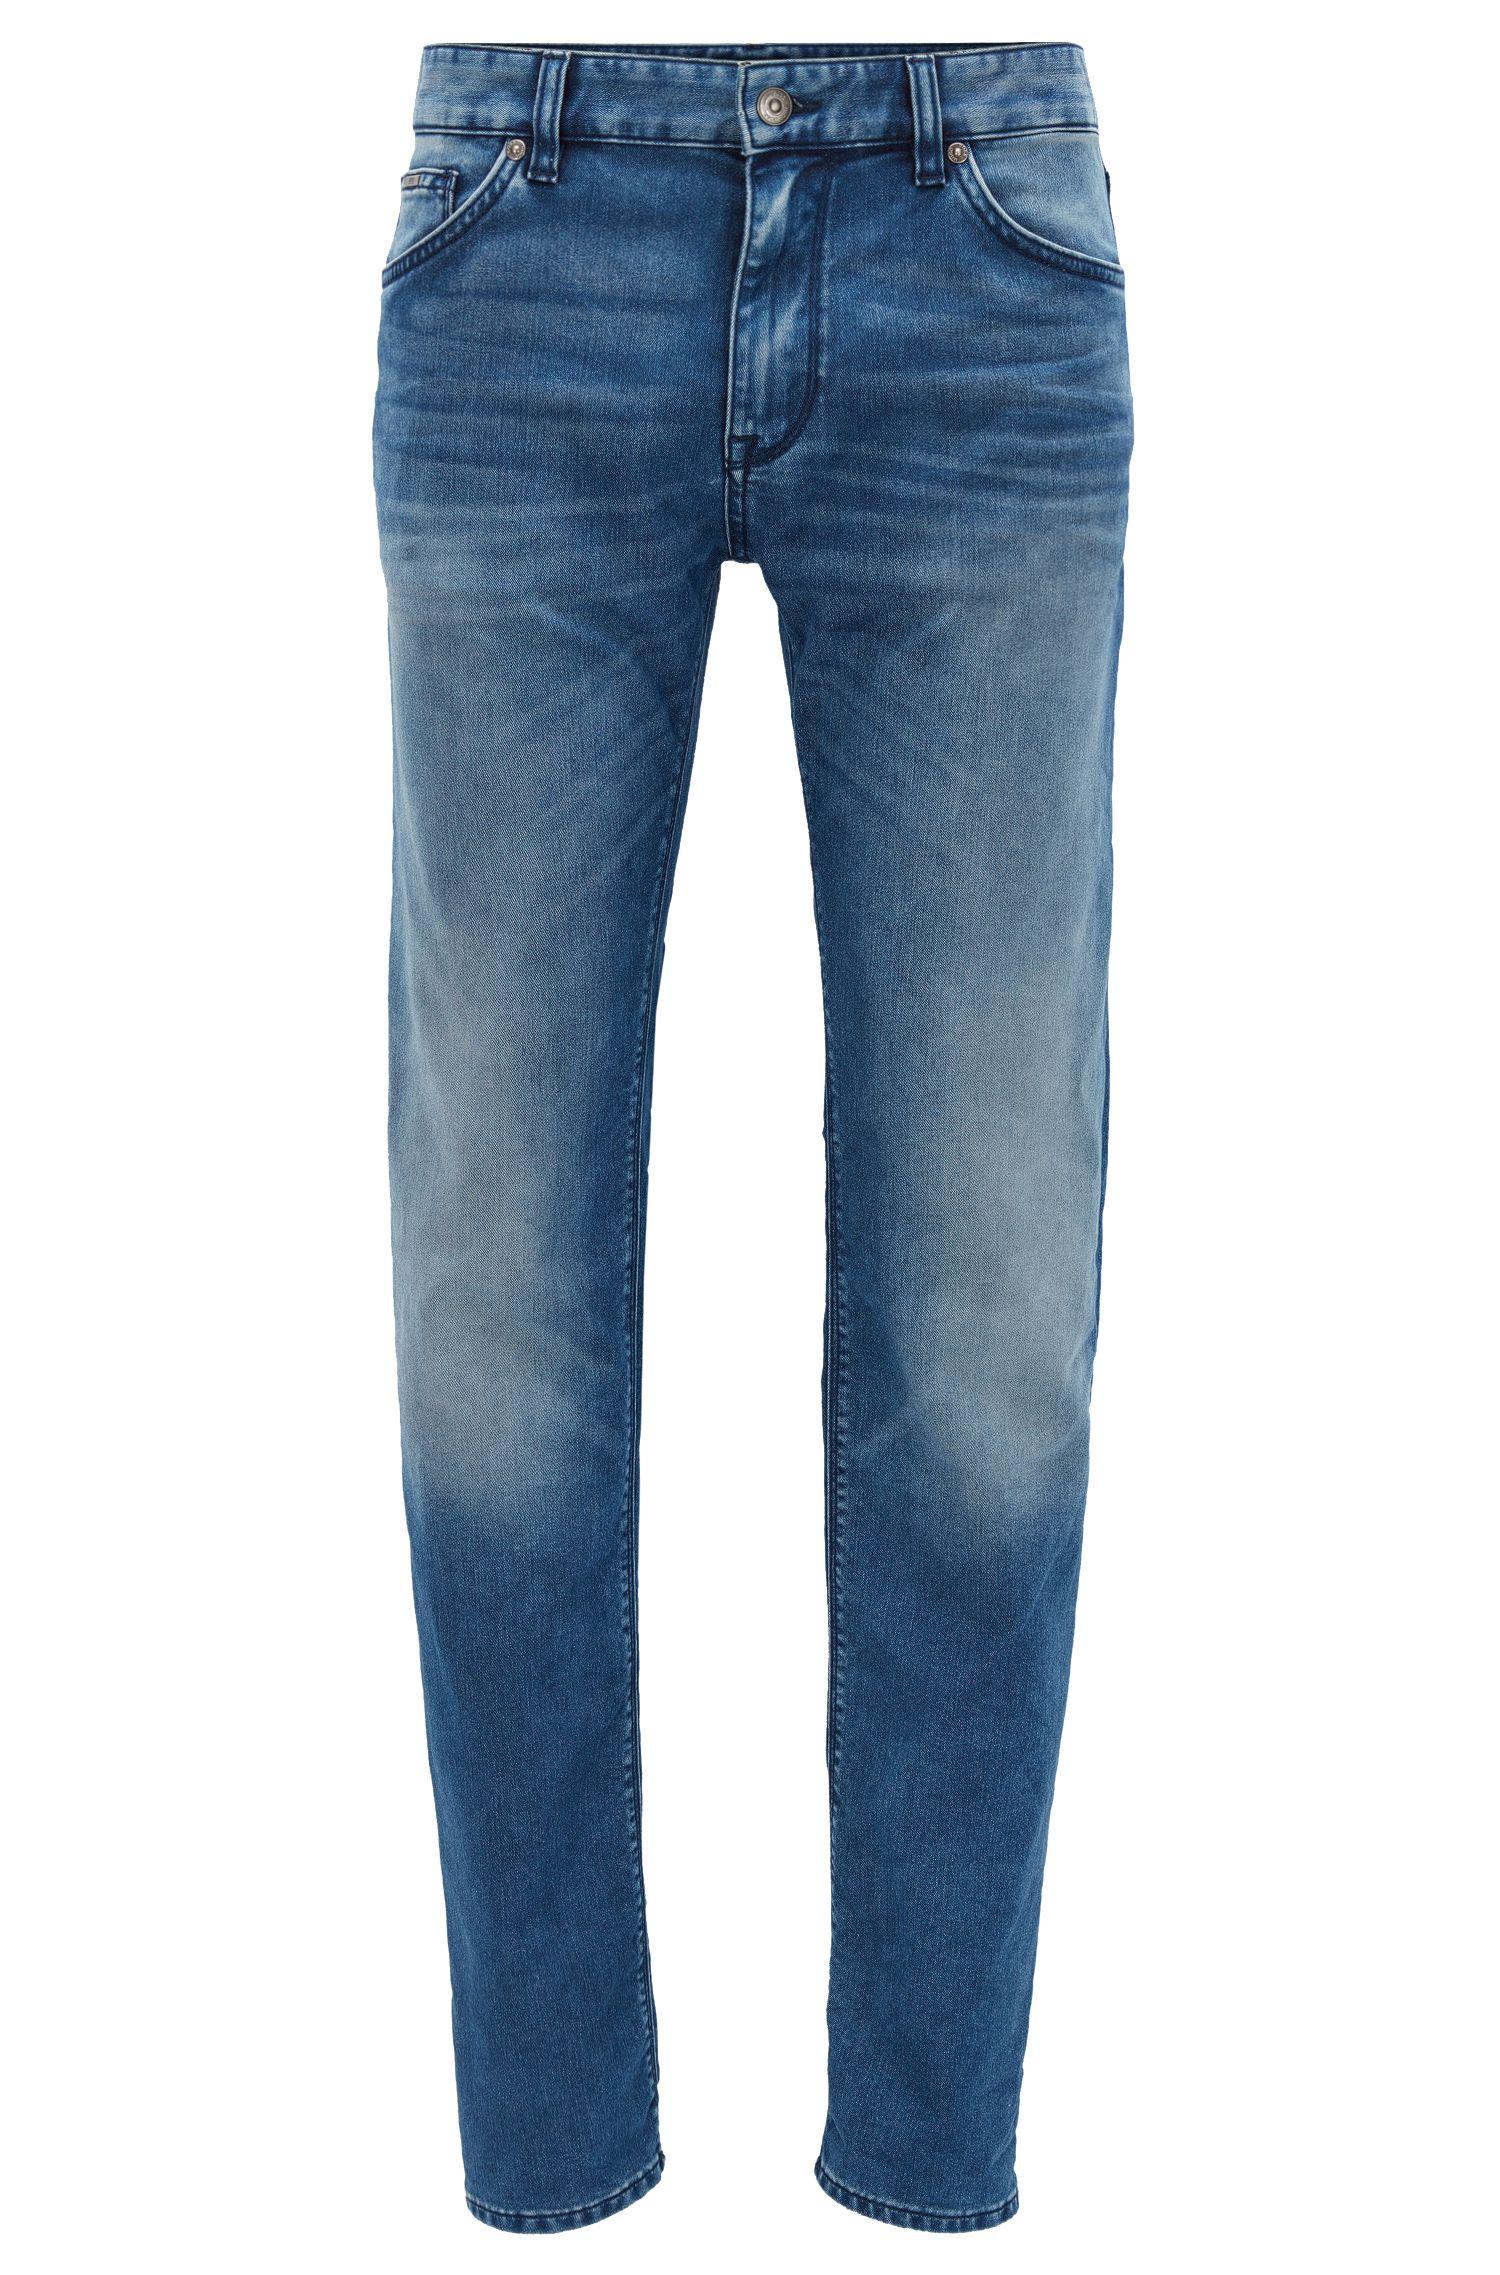 Jeans Regular Fit en denim stretch bleu foncé à la finition usée